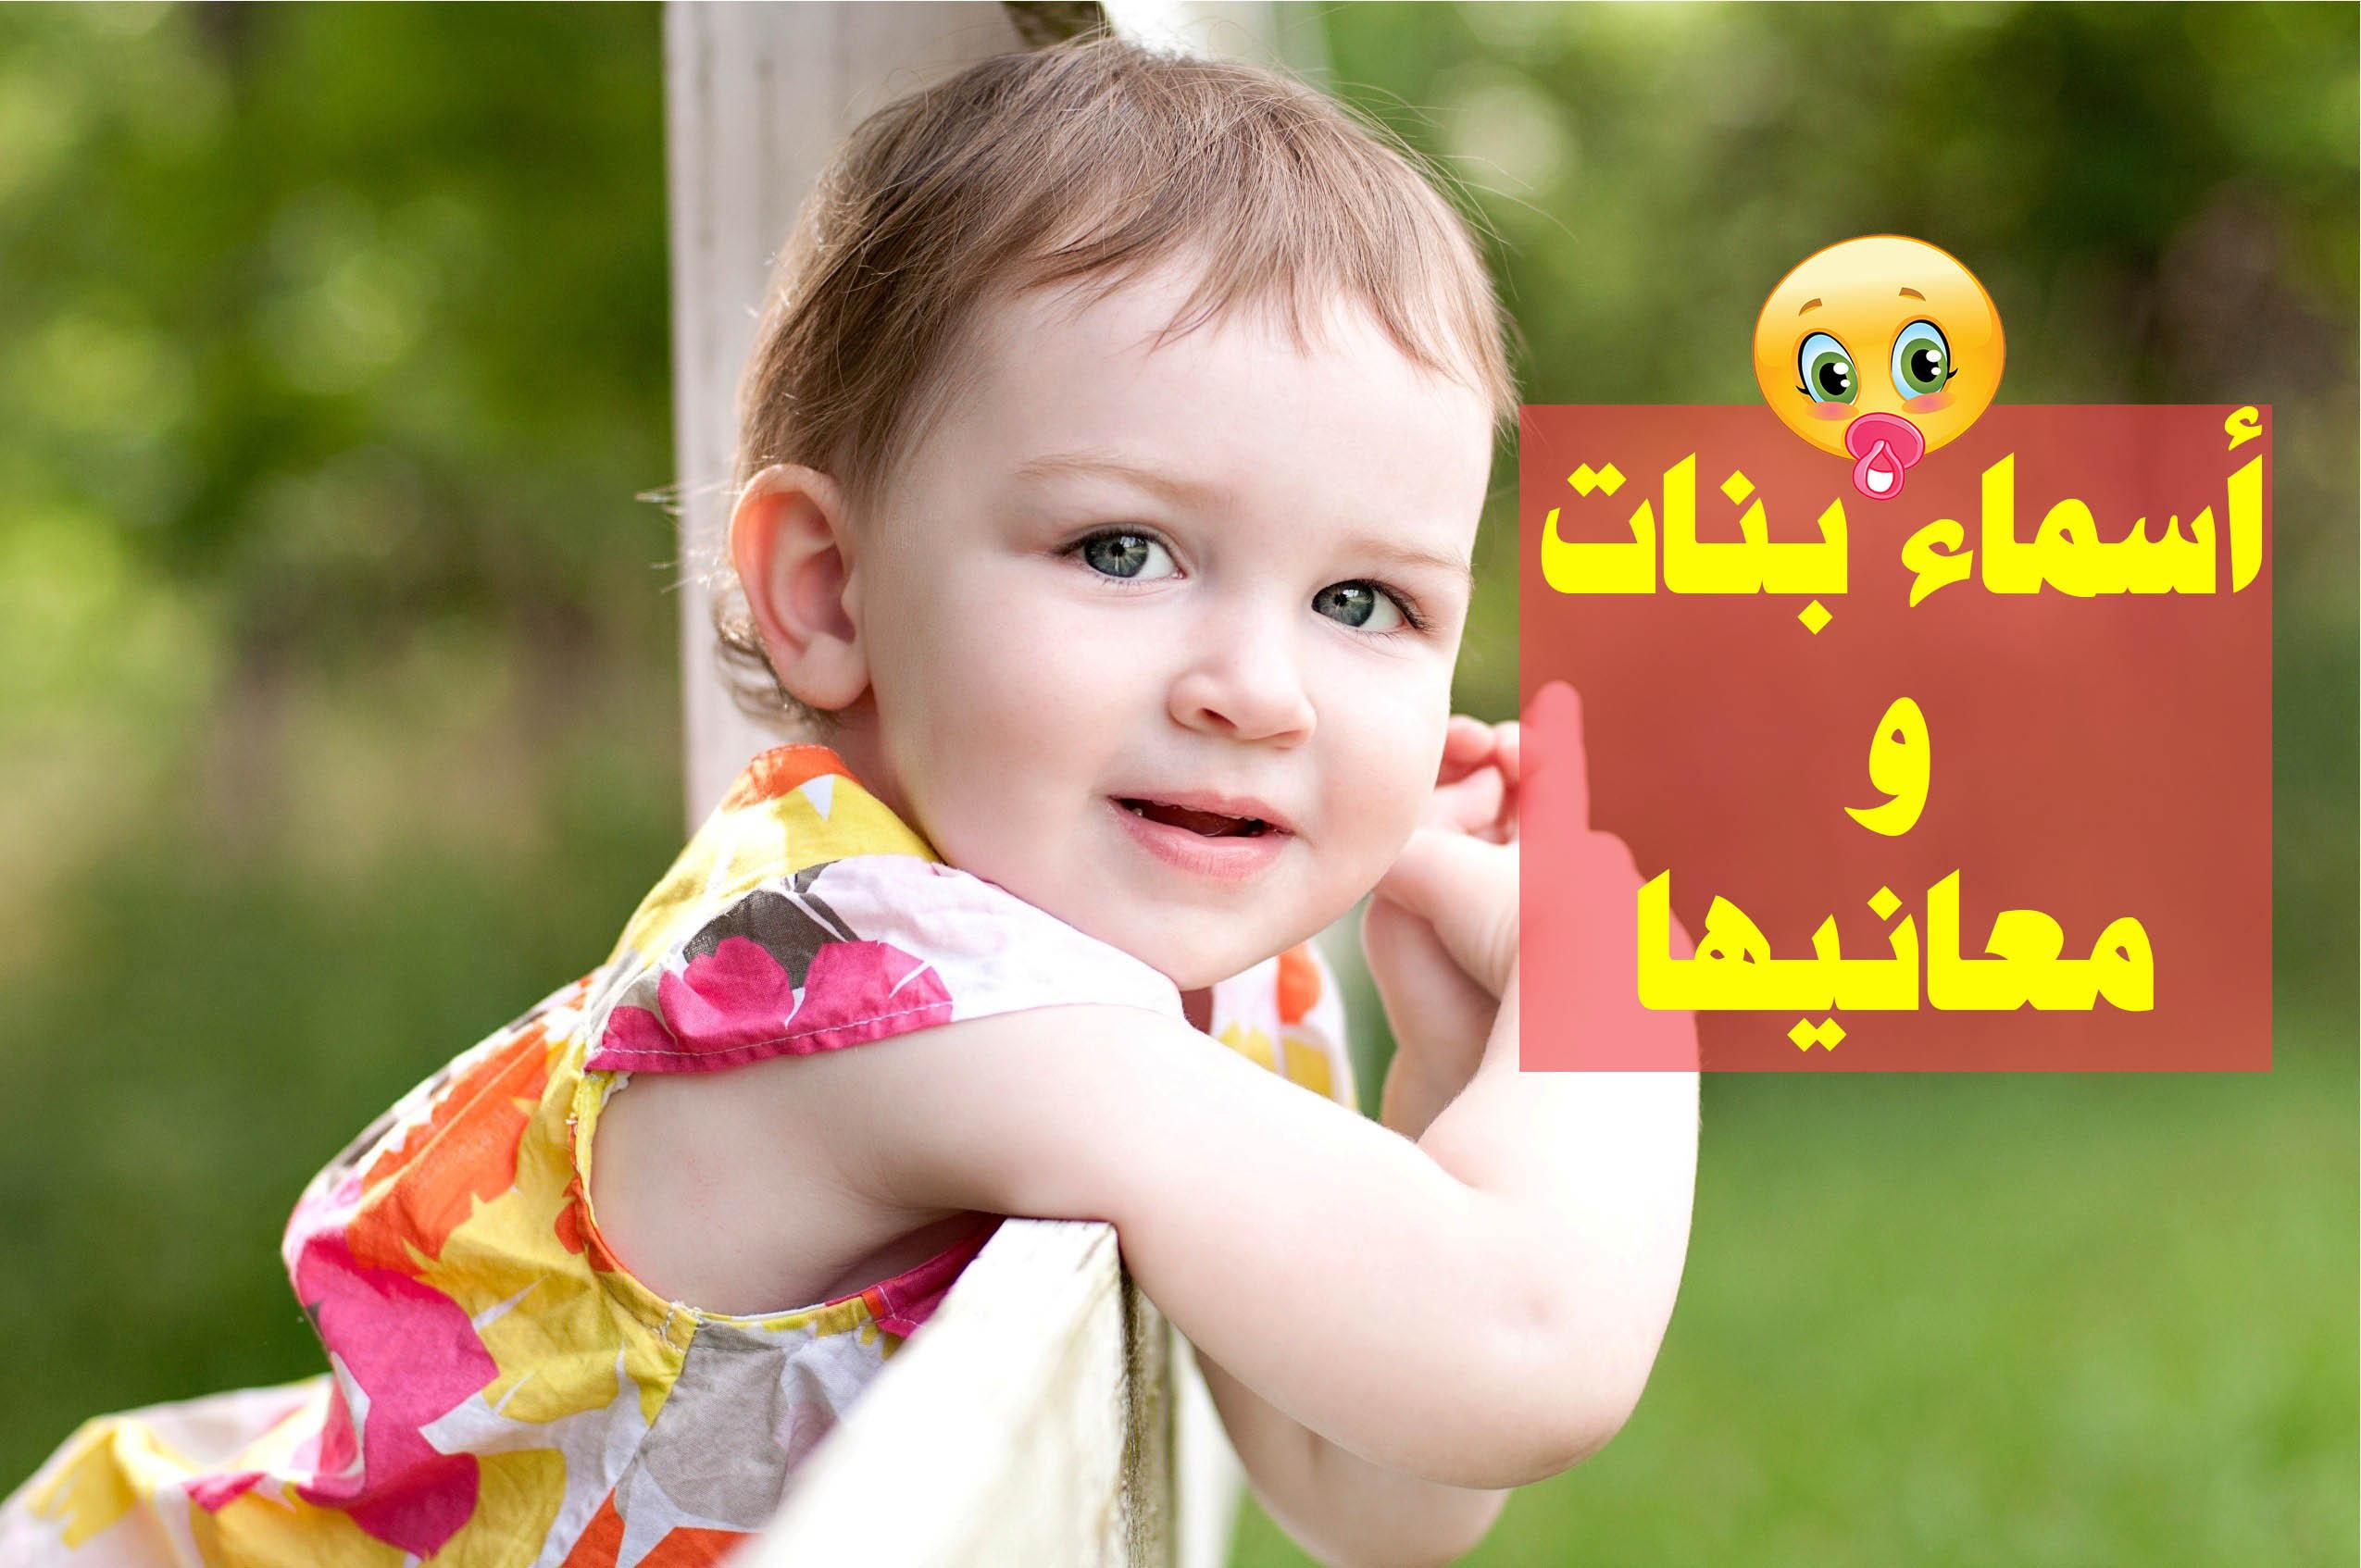 صورة اسماء بنات جديده وحلوه وخفيفه , معاني وكلمات